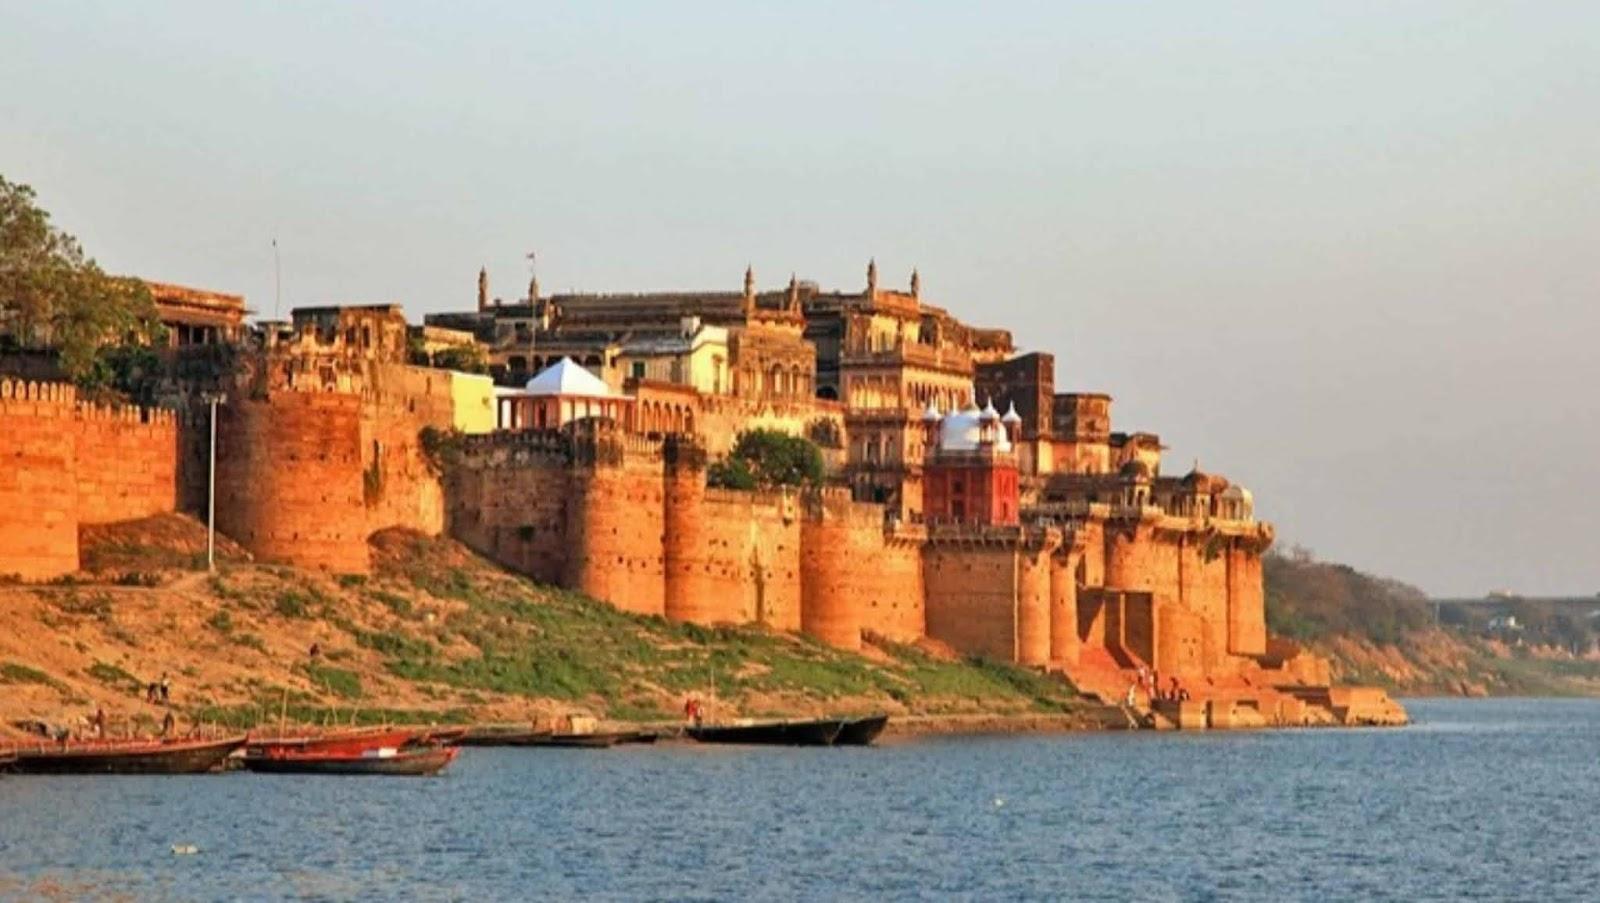 Ramnagar Fort kashi vishvanath